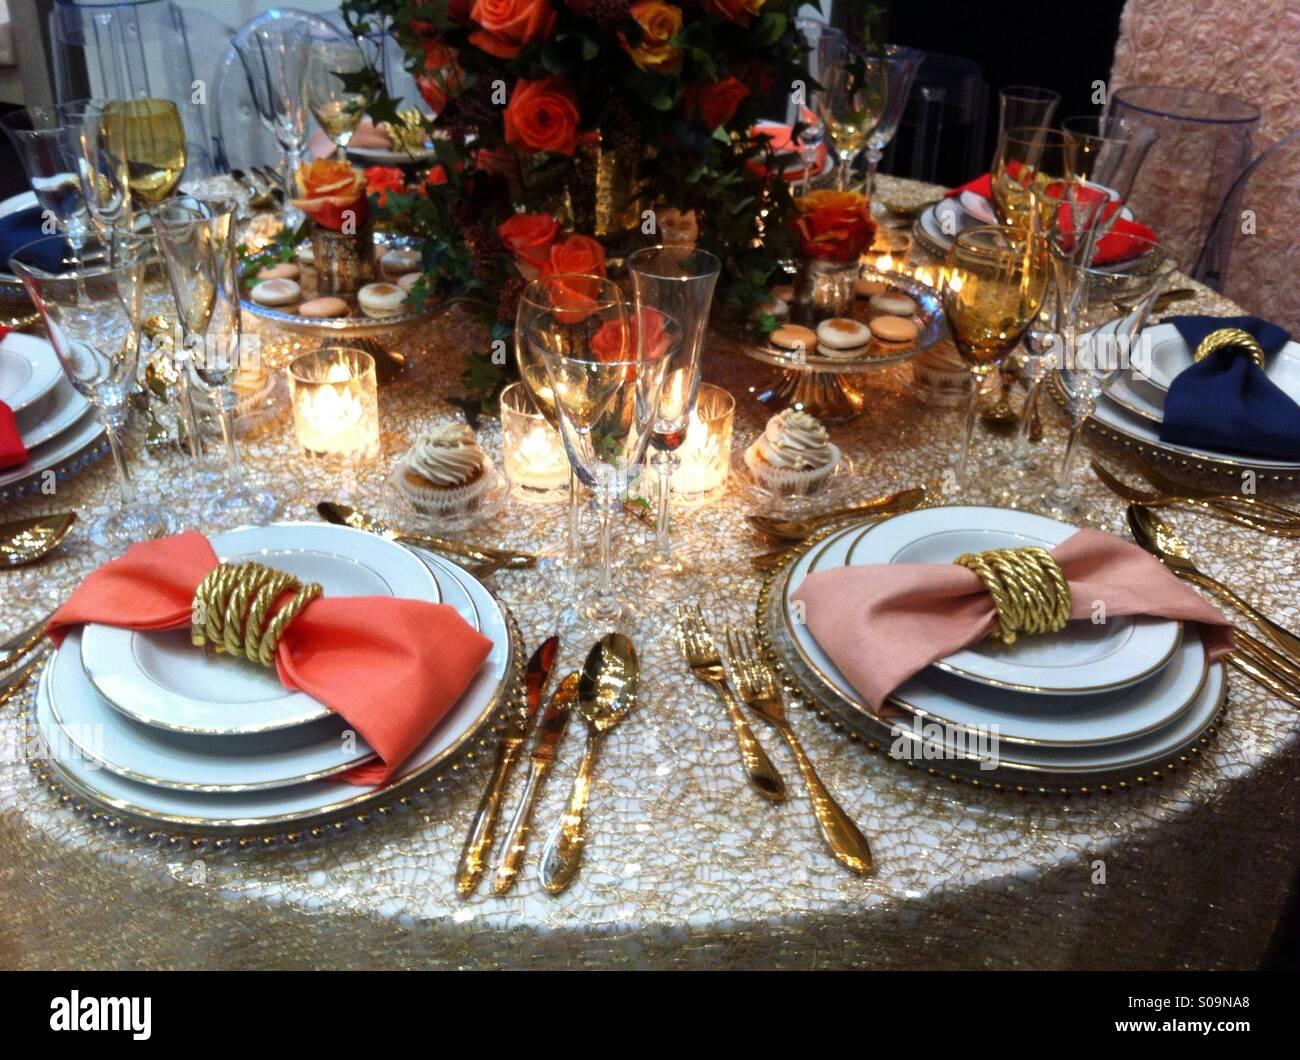 Hochzeitstisch Mit Blumen Und Kerzen Stockfoto Bild 310000944 Alamy